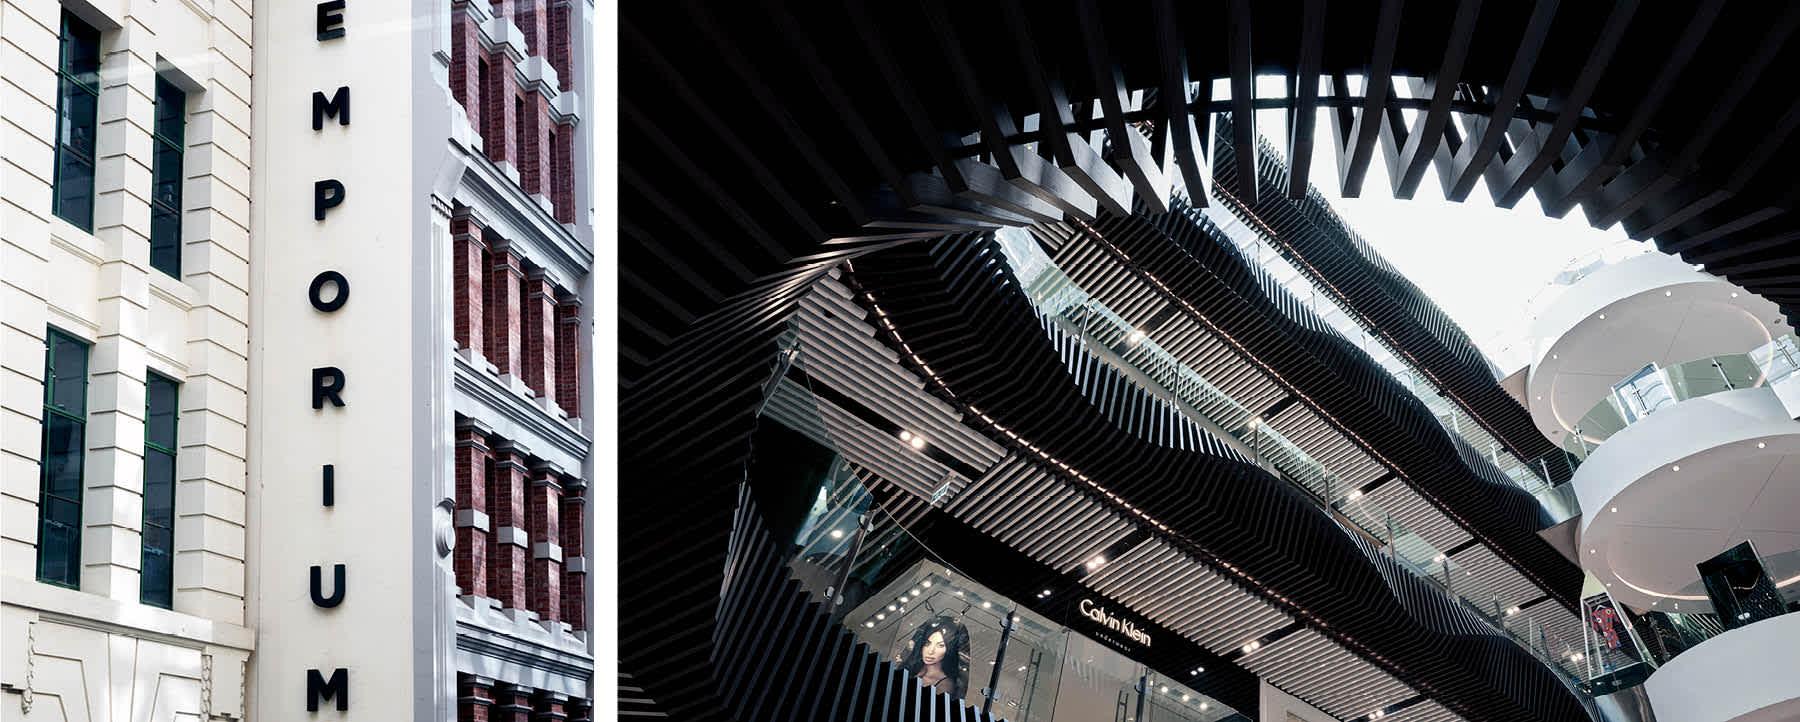 Emporium Melbourne Architecture